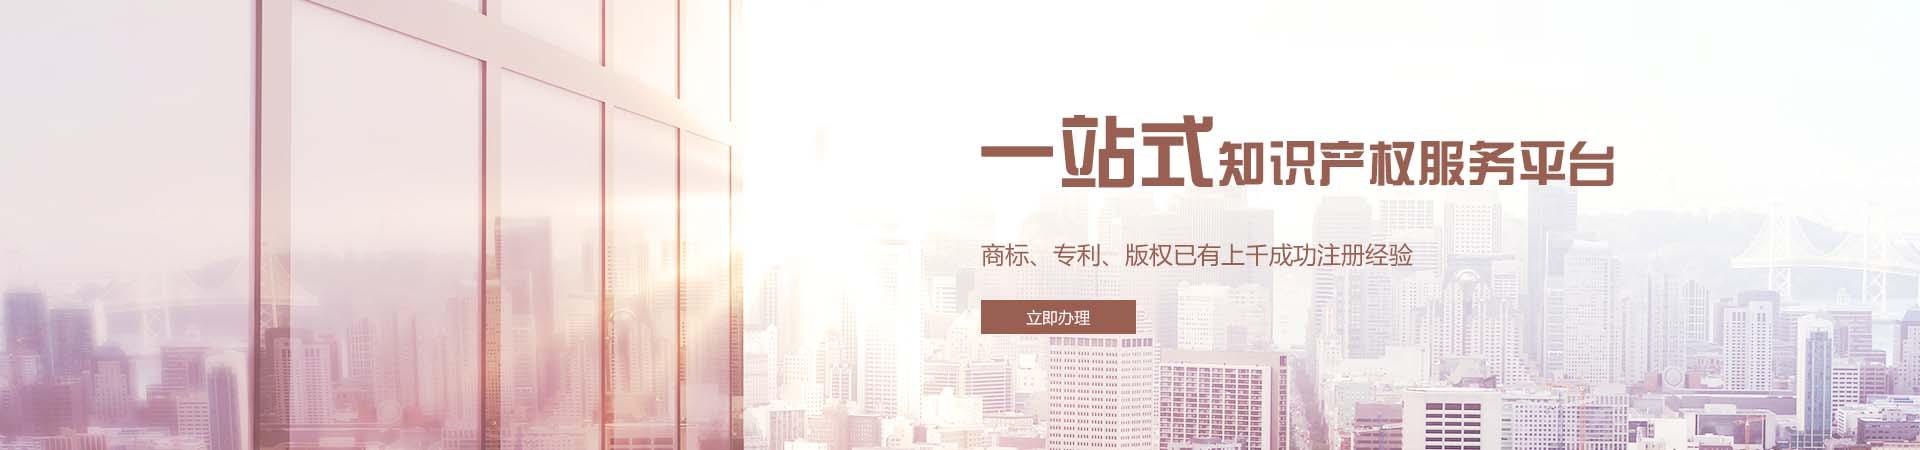 一站式知识产权服务平台